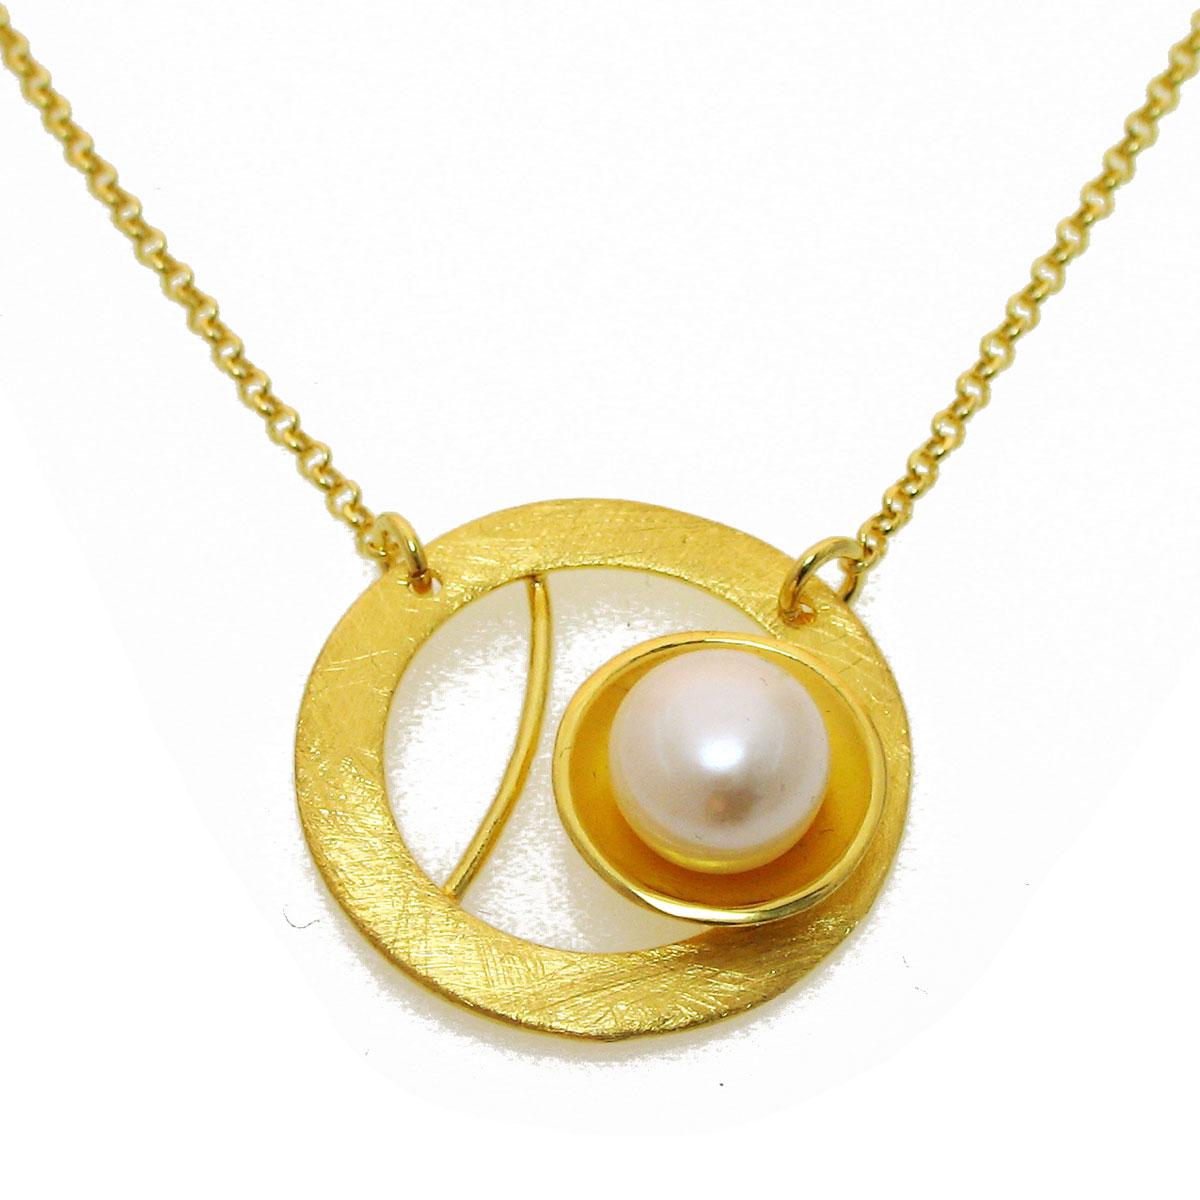 Χειροποίητο κολιέ από επιχρυσωμένο ασήμι 925ο με ημιπολύτιμες πέτρες  (Πέρλες).  IJ-040011  59aa1b3a5d5